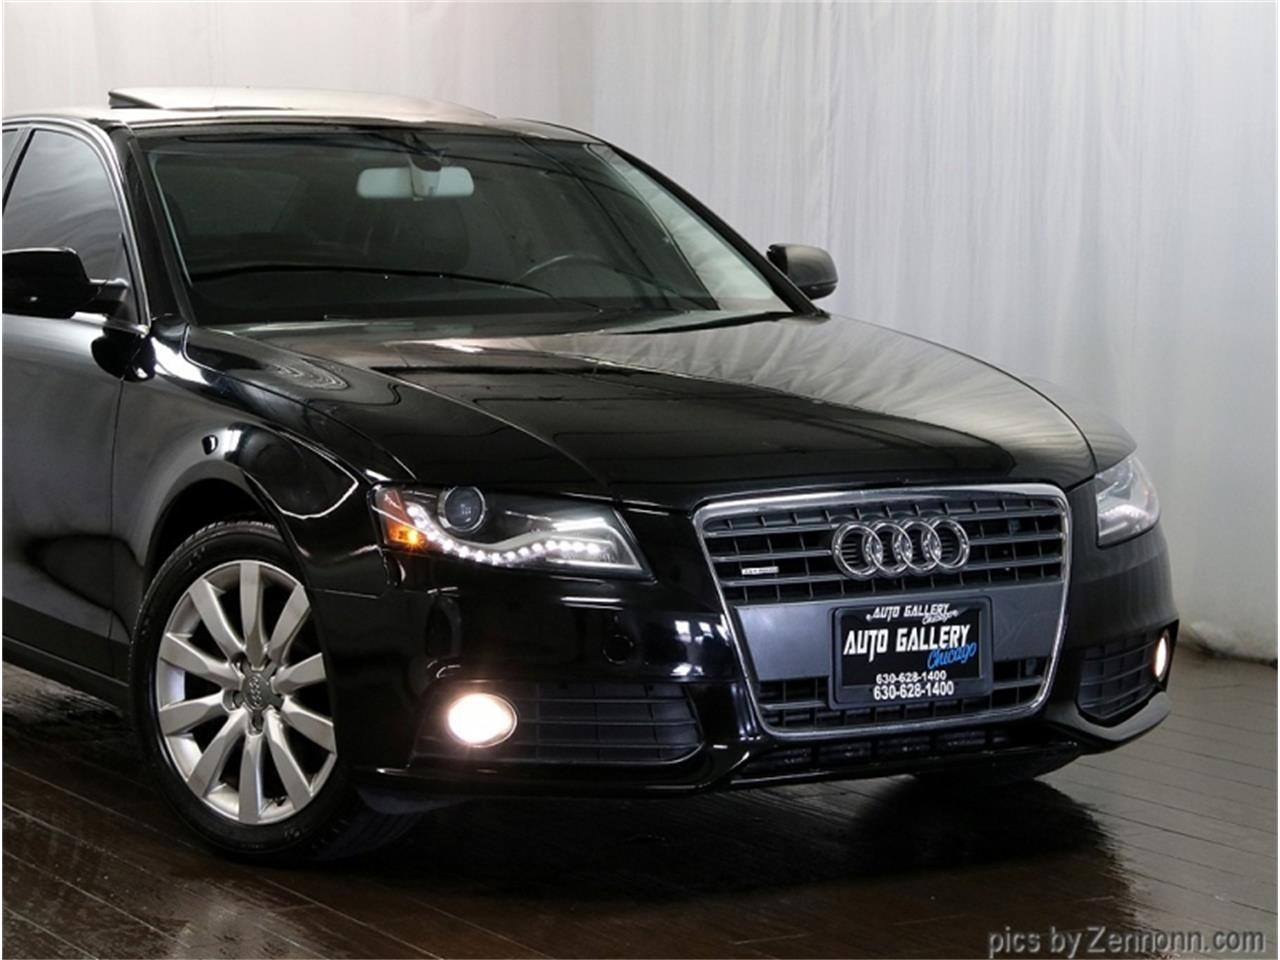 2010 Audi A4 (CC-1376976) for sale in Addison, Illinois